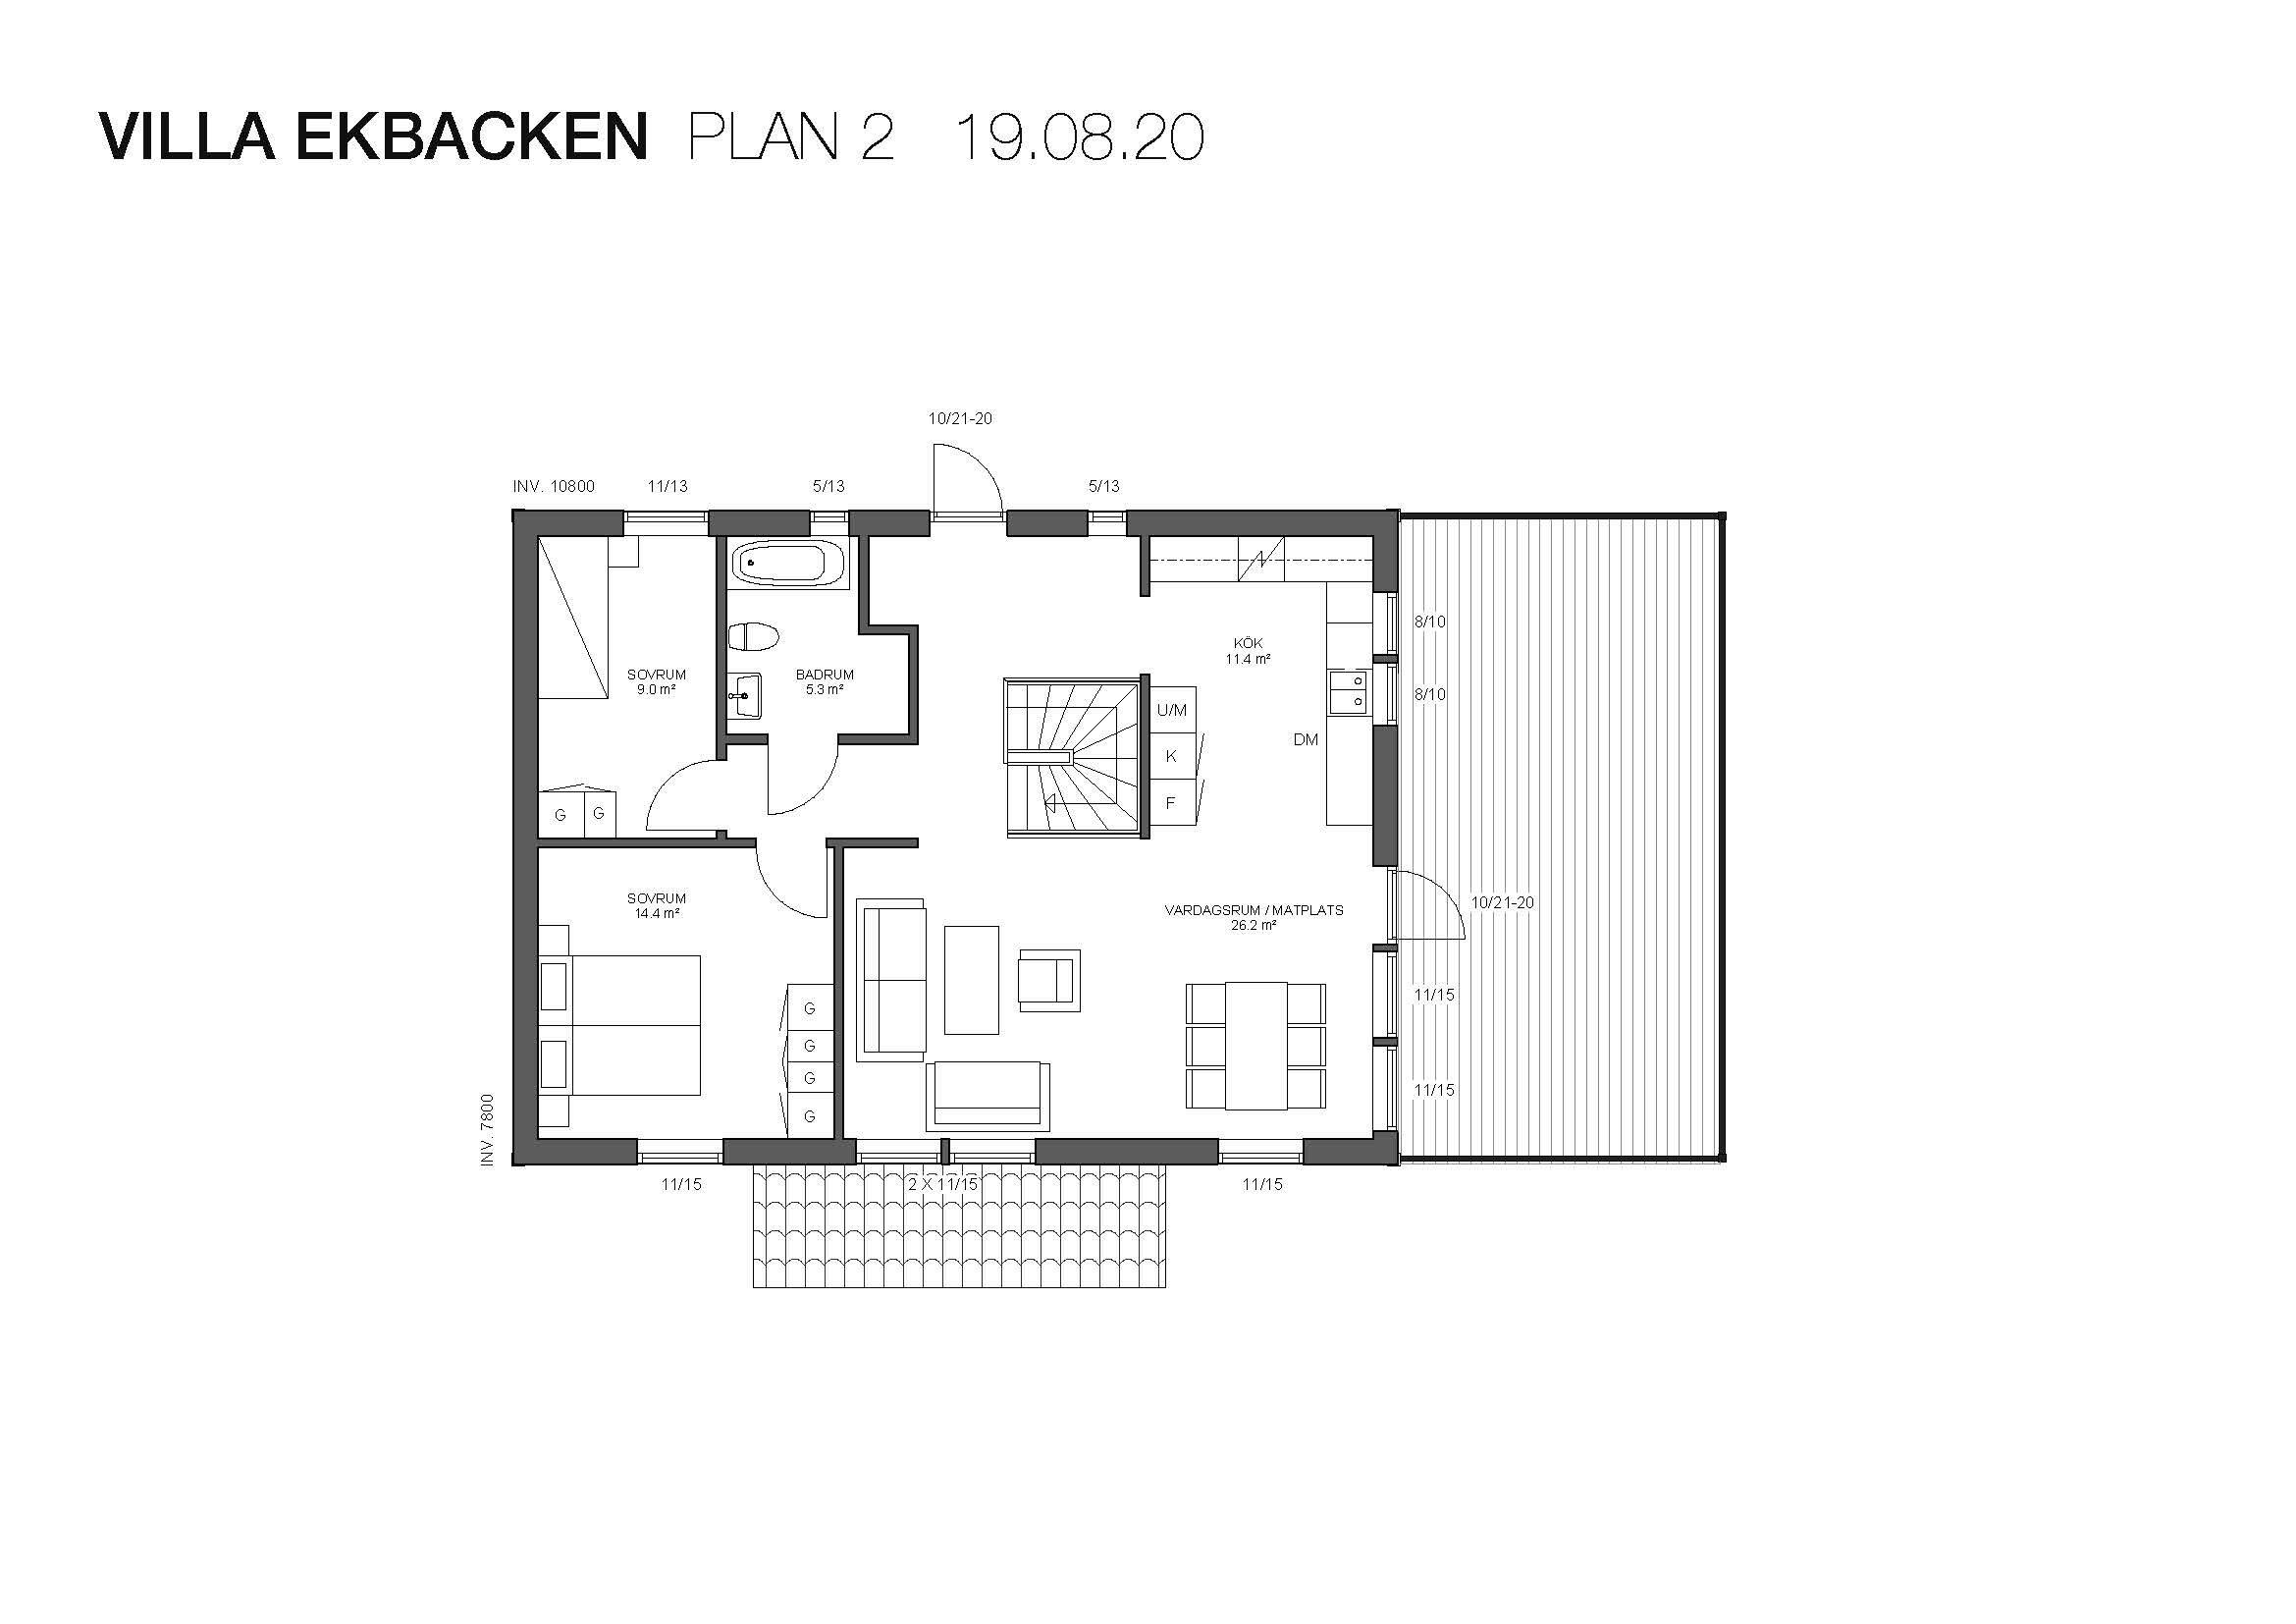 ekbacken planer 190820_Sida_2.jpg